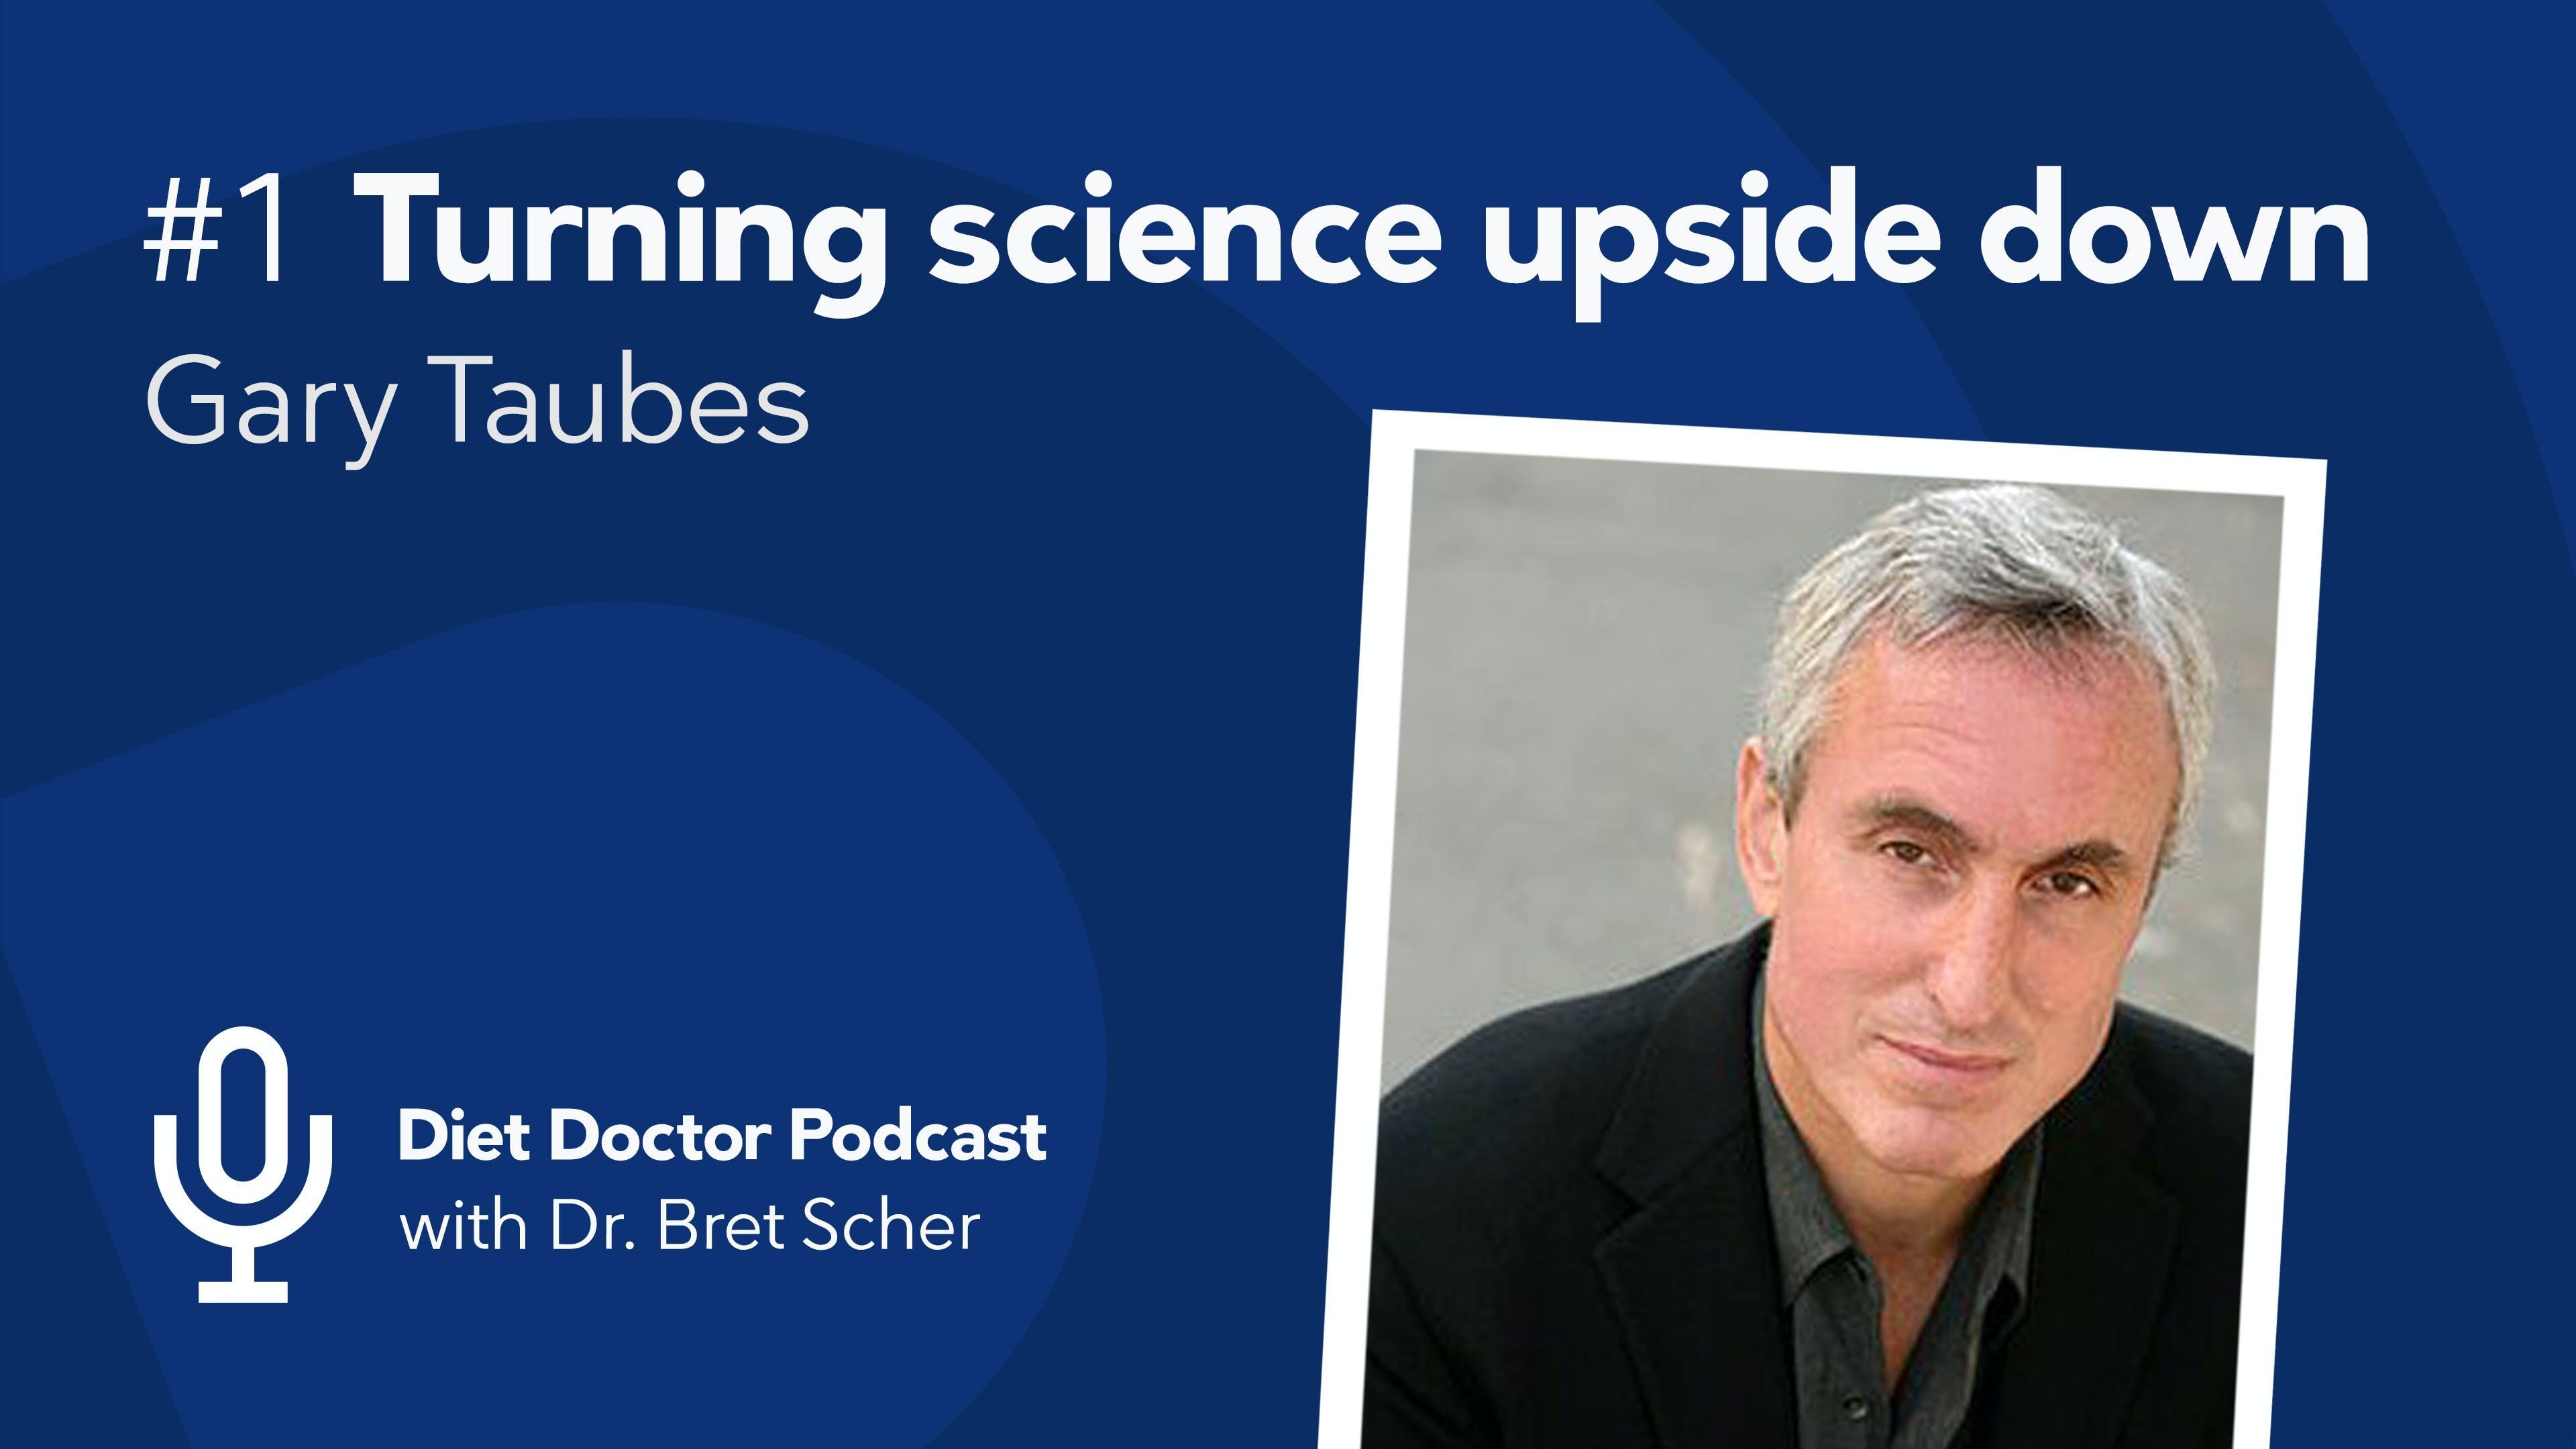 Första avsnittet av Diet Doctors podcast: Gary Taubes